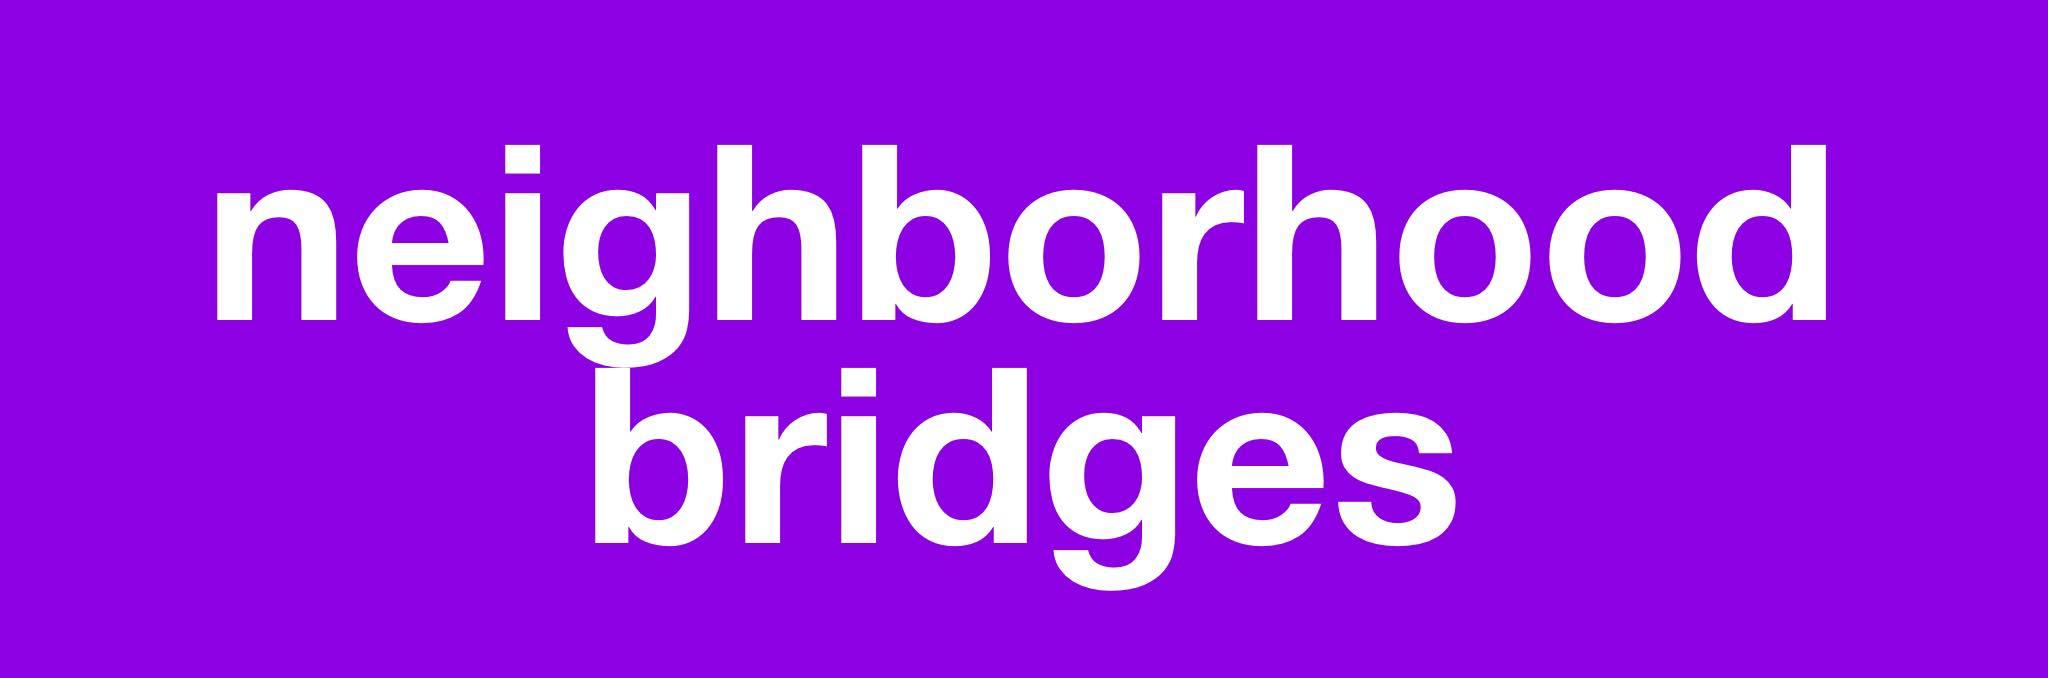 NEIGHBOORHOOD BRIDGES